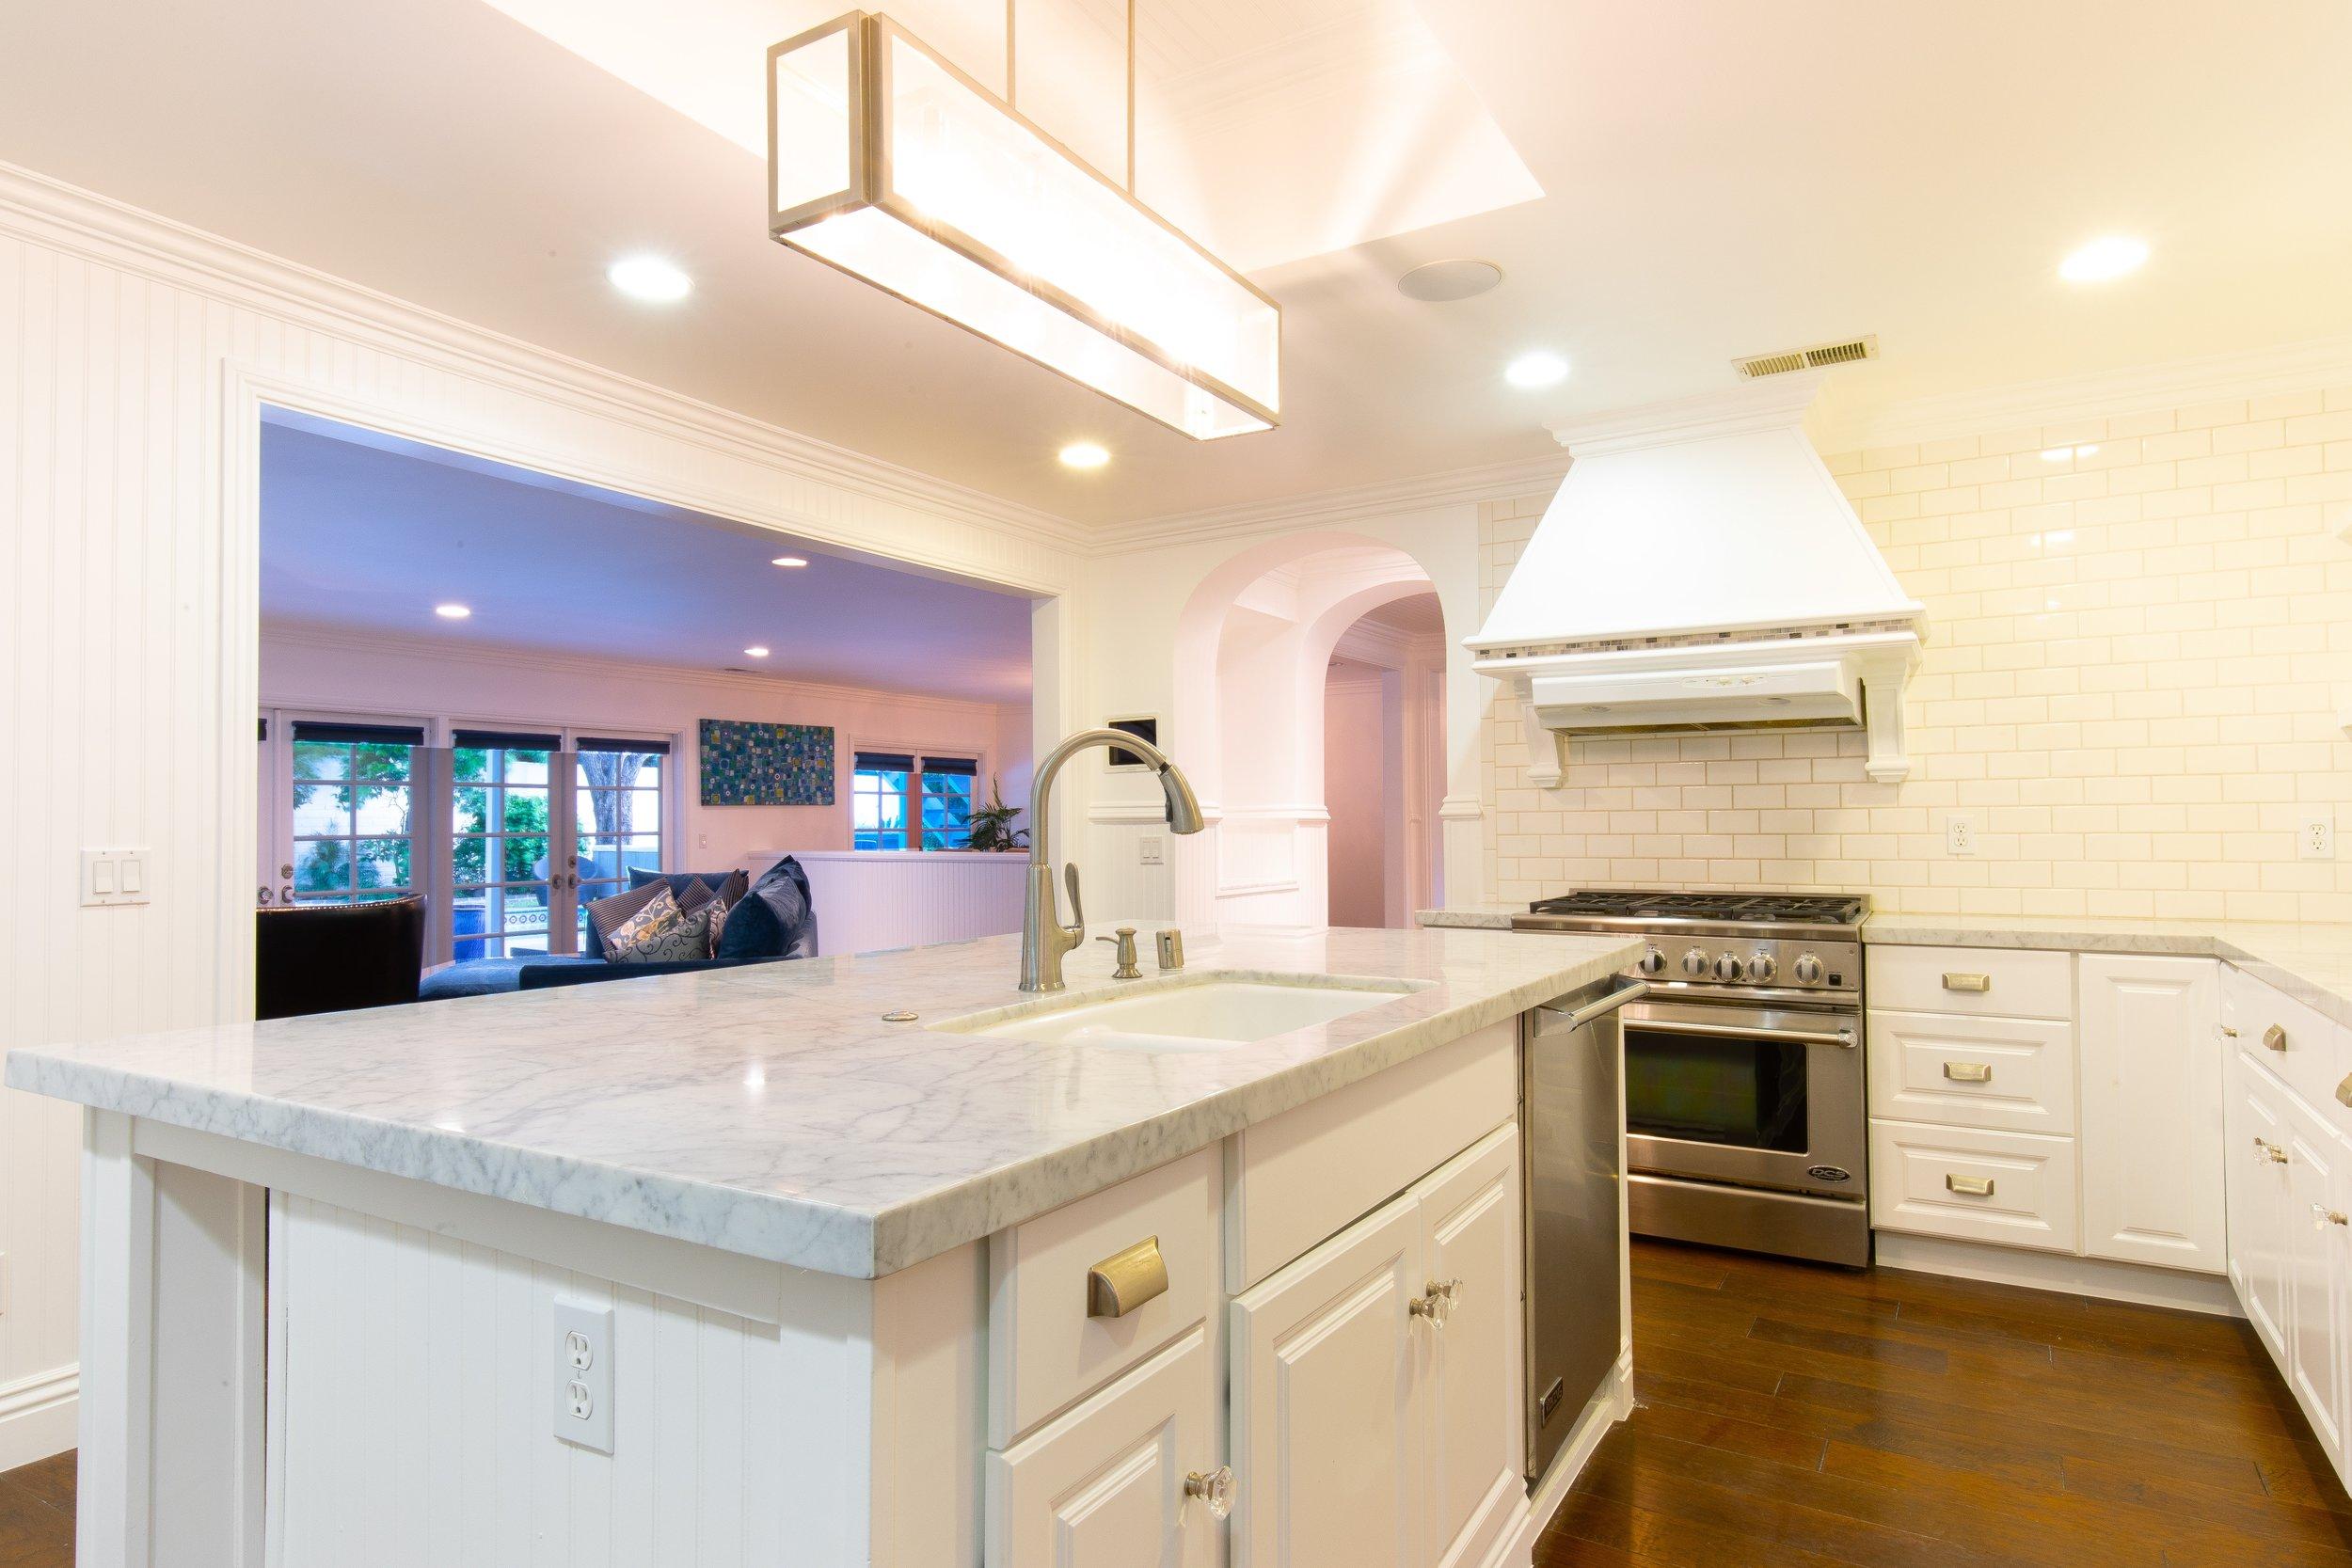 MLS Kitchen Island View-2.jpg